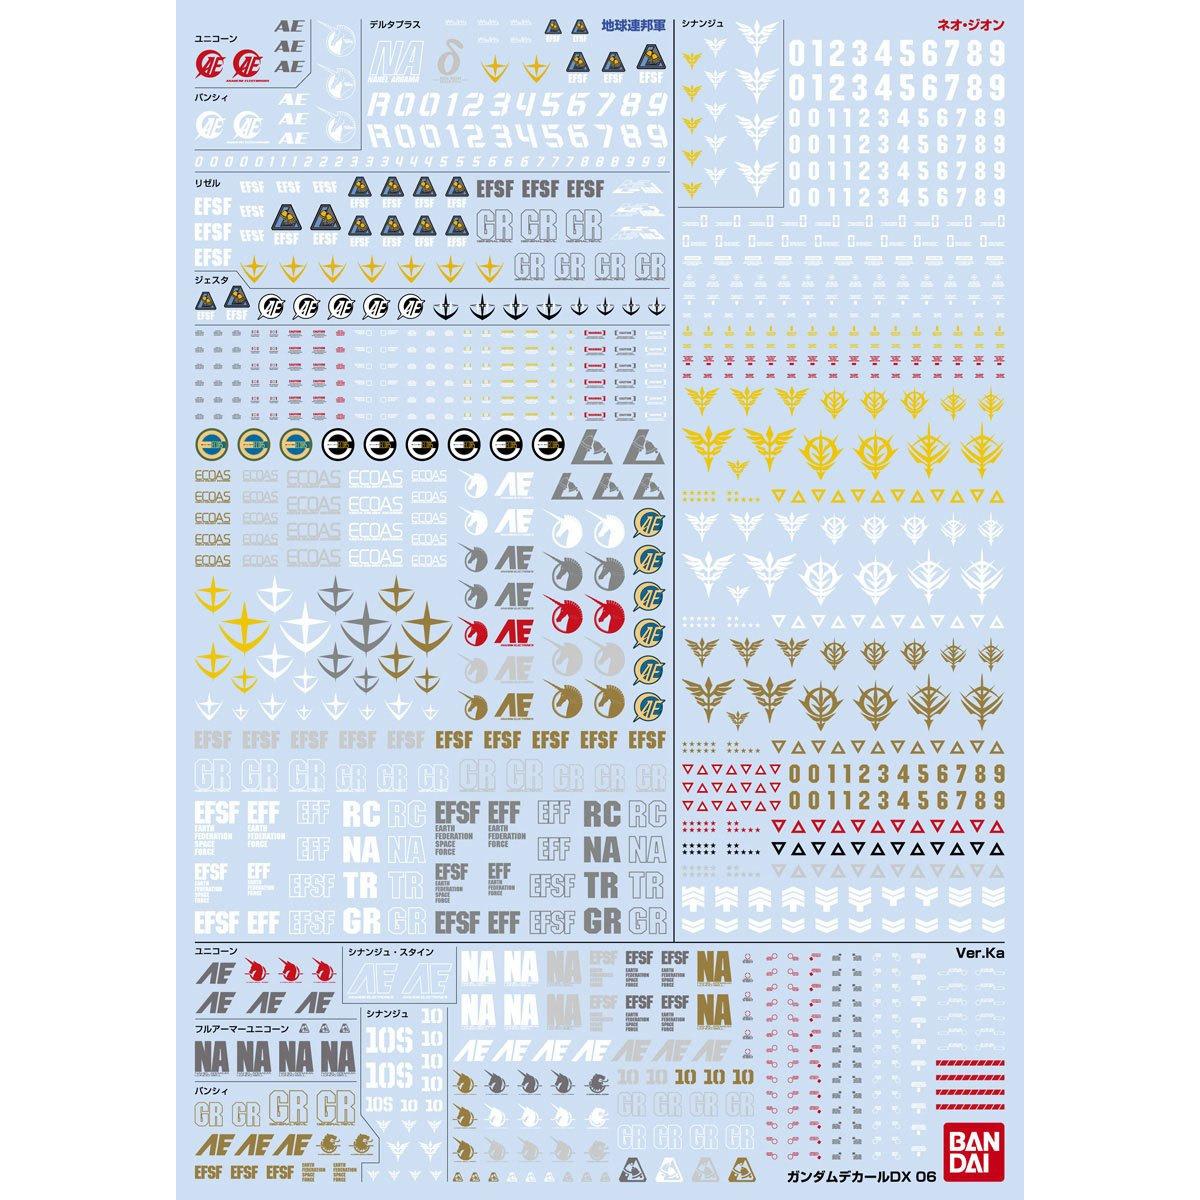 ガンダムデカールDX 06 【ユニコーン系 Vol.2】 パッケージアート